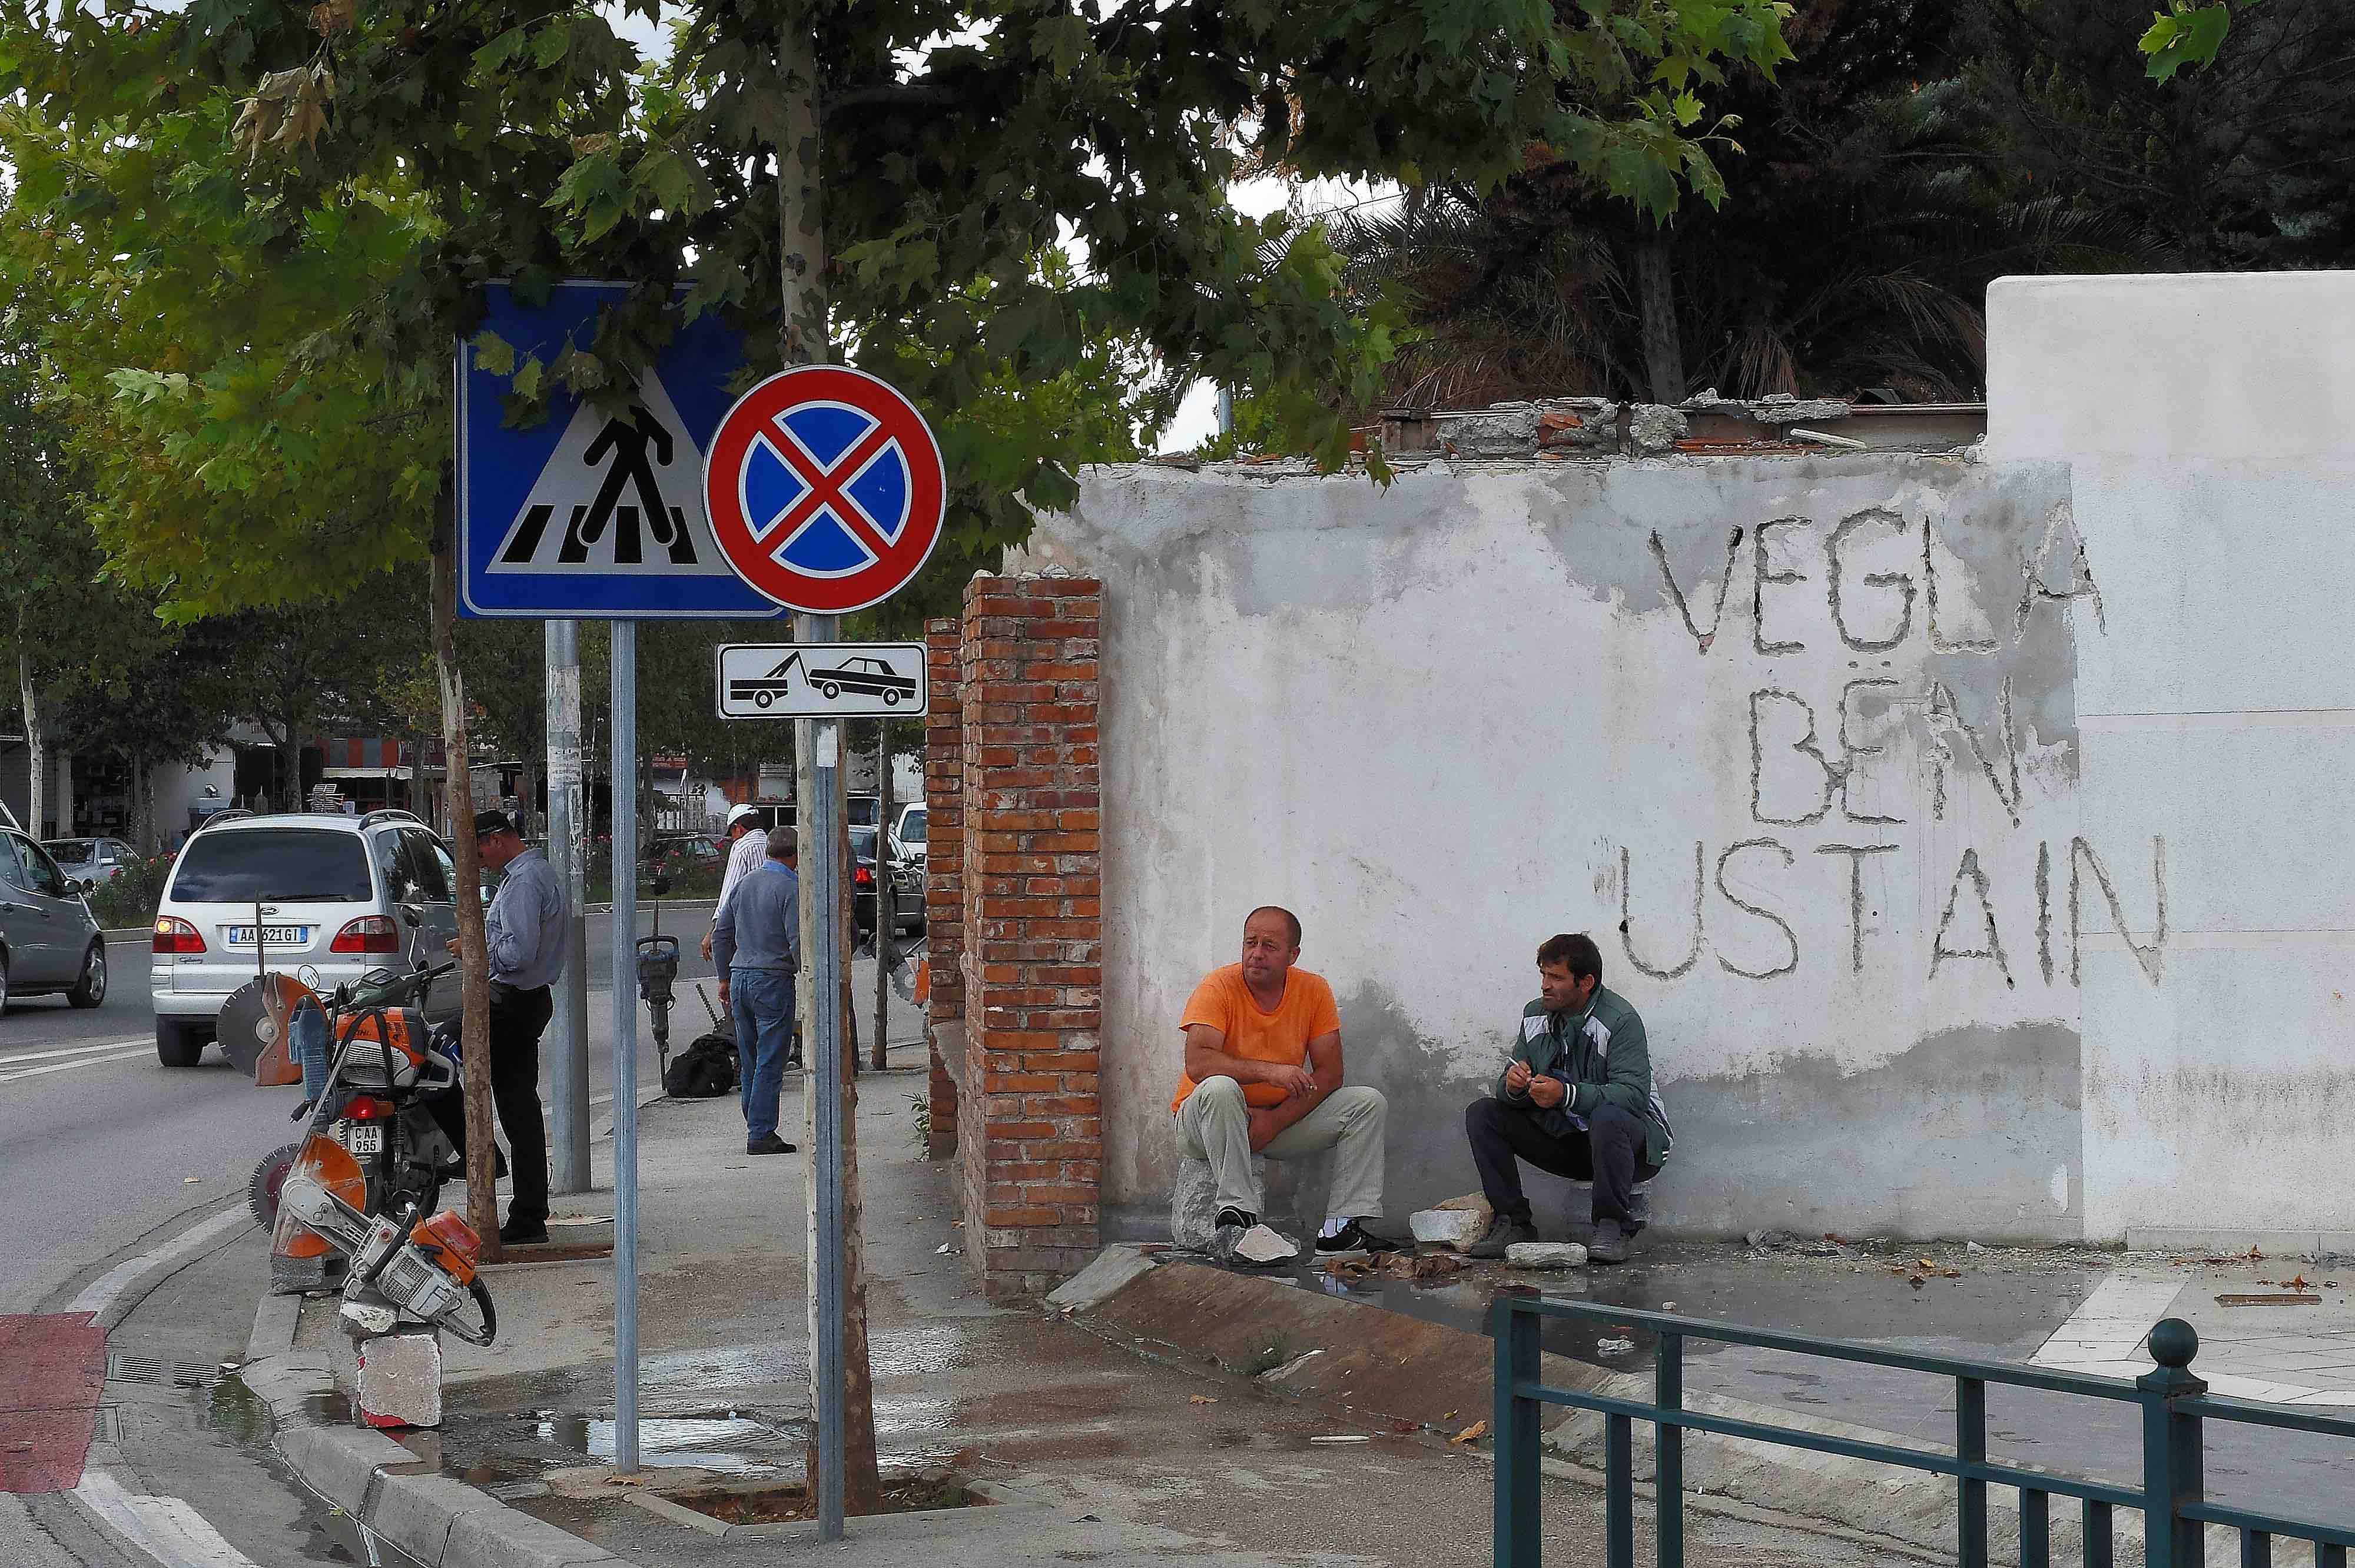 Vegla bën ustain, Tirana 2015